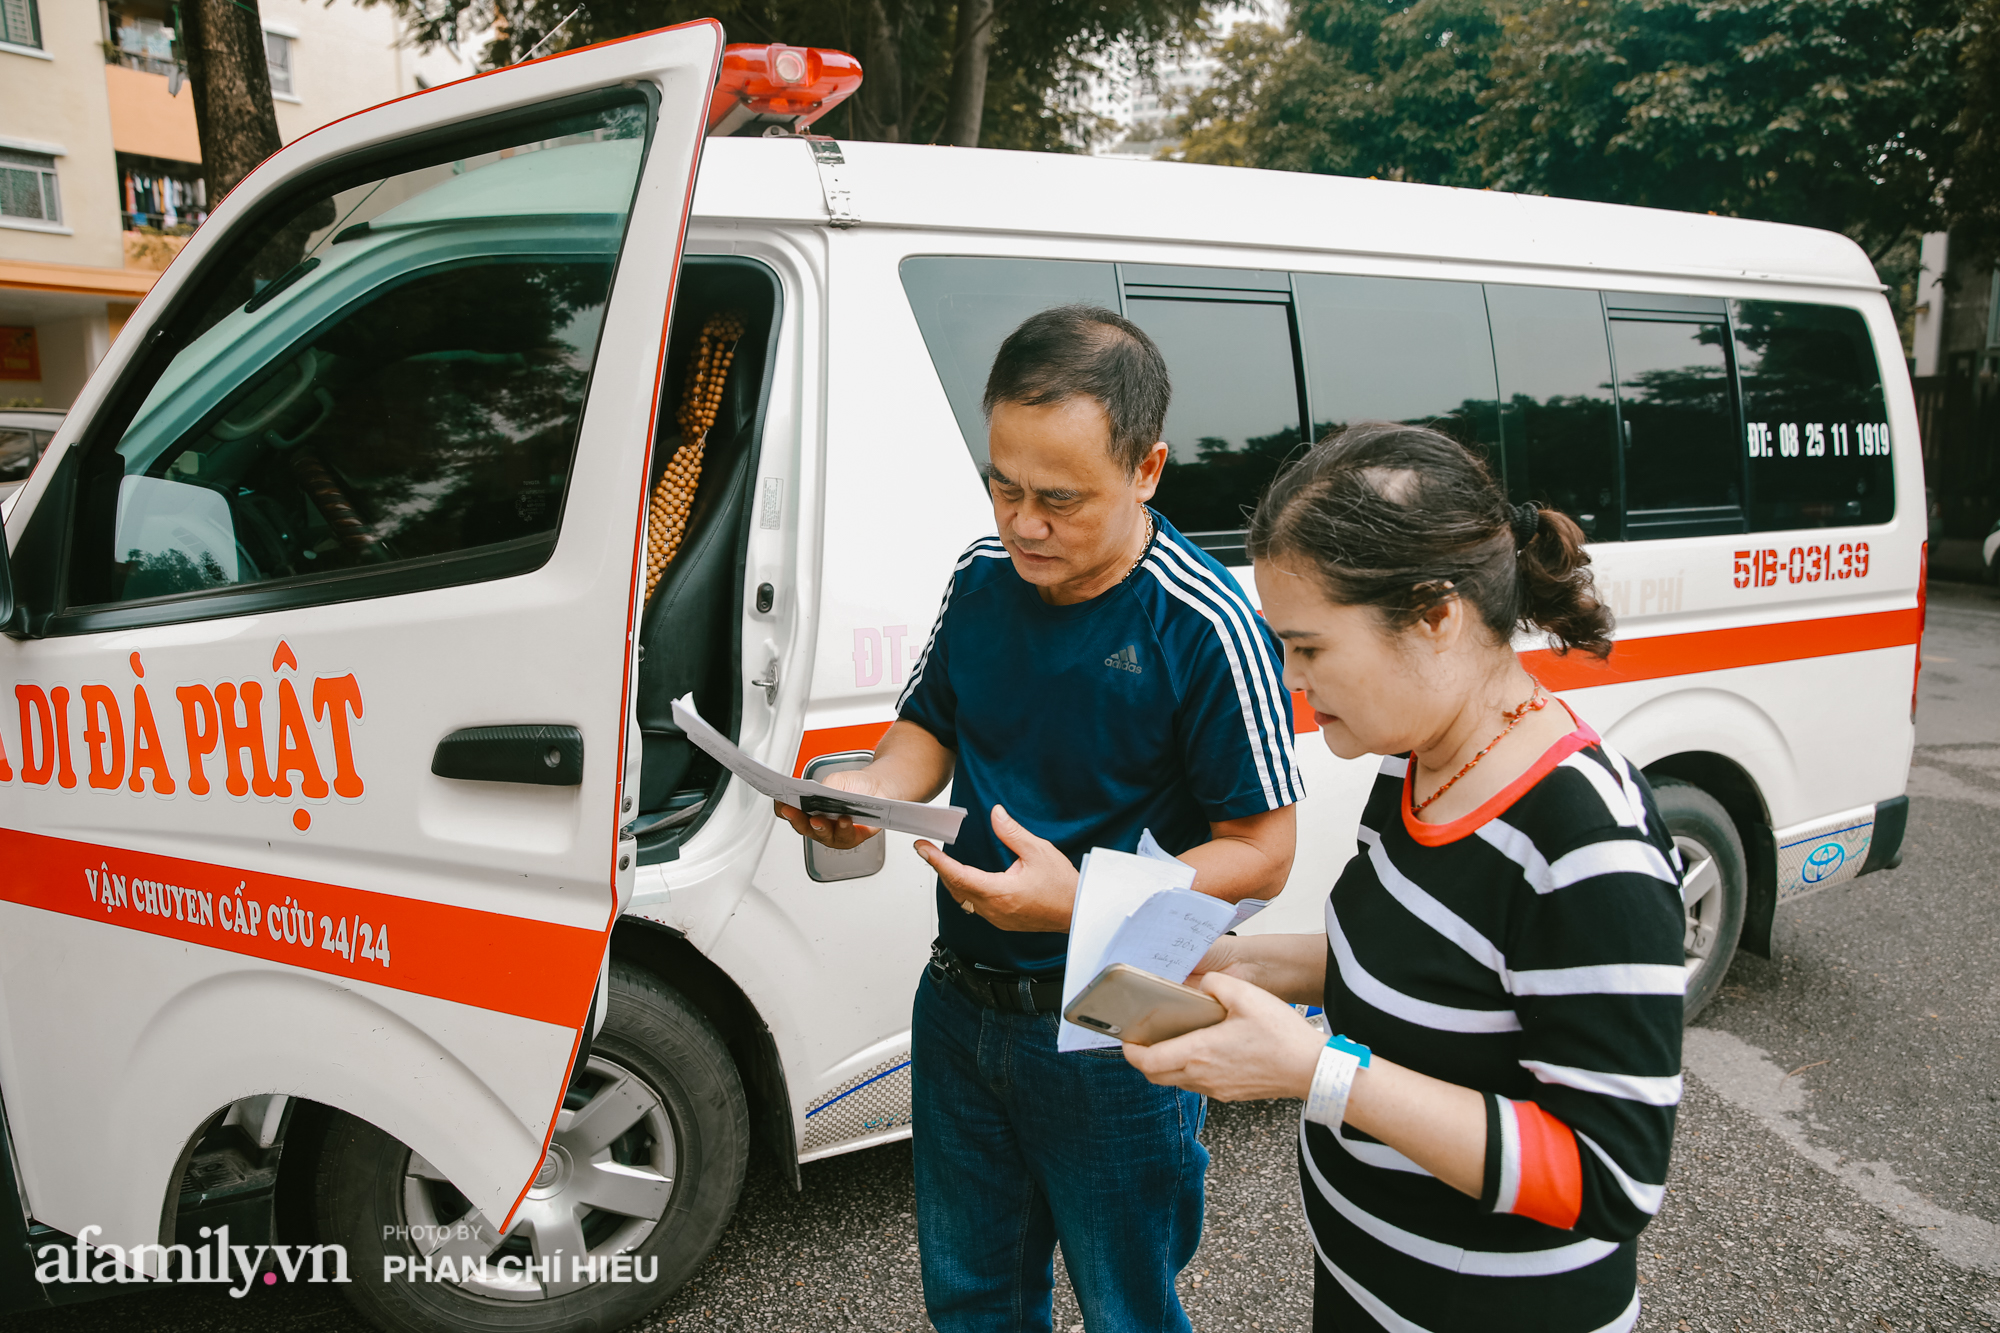 """Lạ! Trên đời có người phụ nữ bán đất mua xe cứu thương giúp người nghèo vượt qua """"bậc thềm"""" sinh tử, cùng chuyến đi định mệnh đưa xác bệnh nhi vượt 300km trở về với gia đình gần biên giới Việt - Lào - Ảnh 6."""